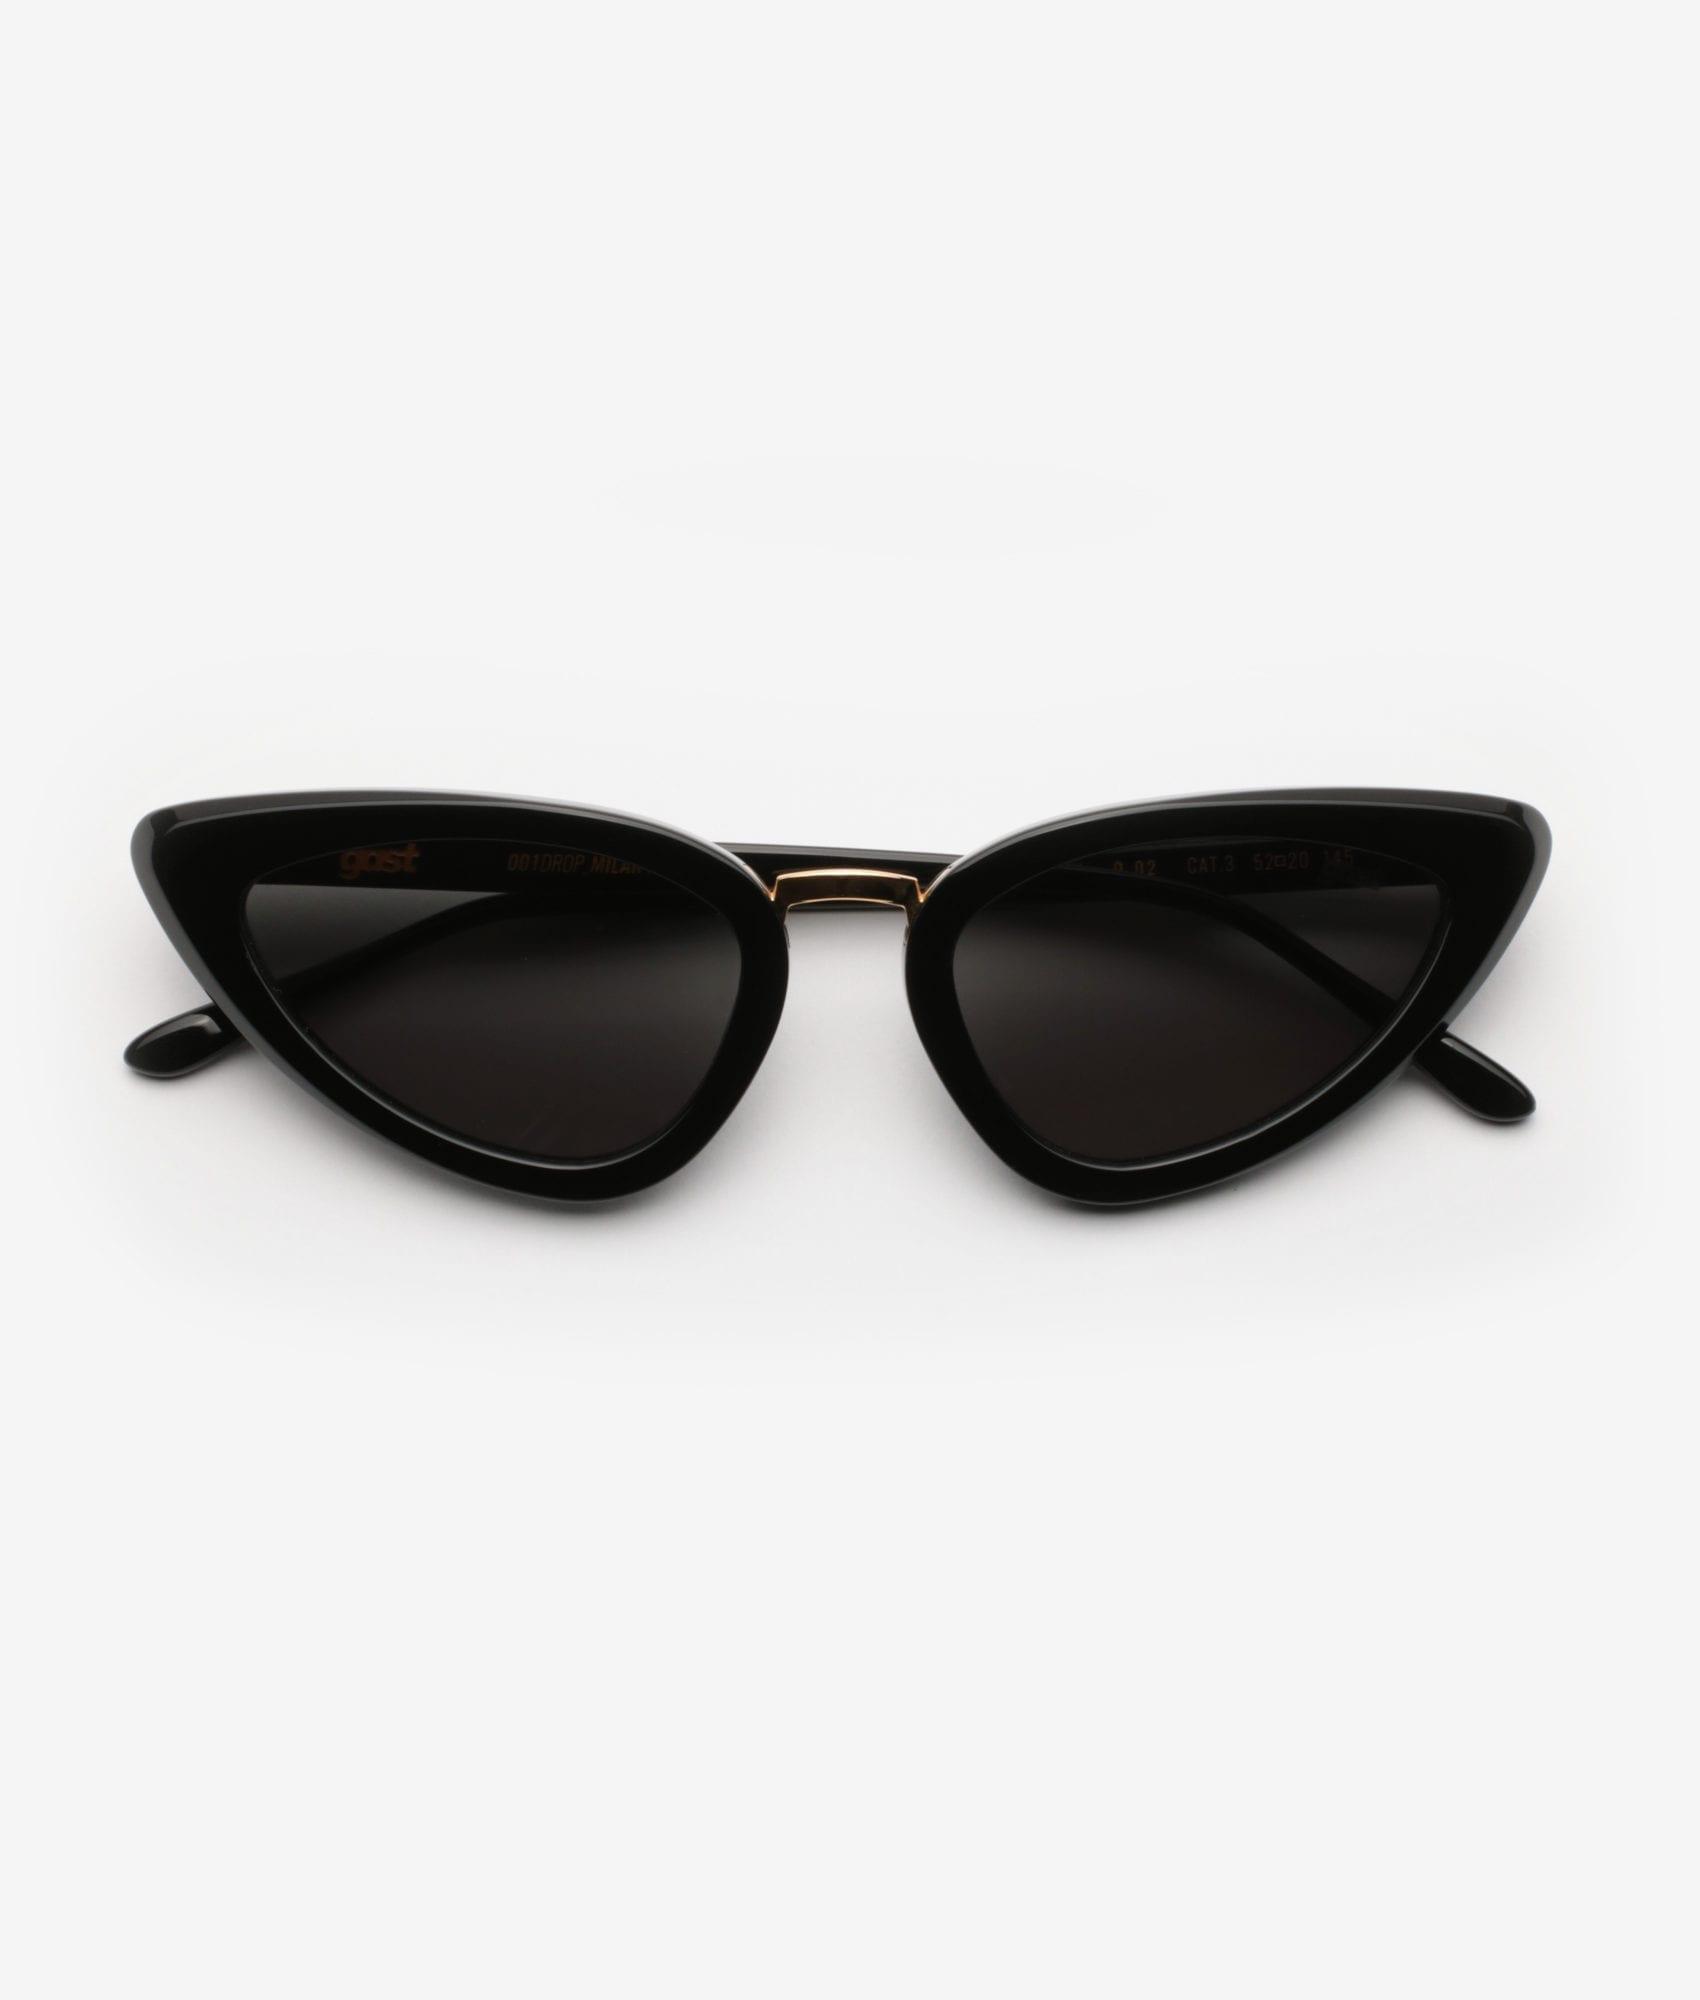 VENTI144 Black Gast Sunglasses